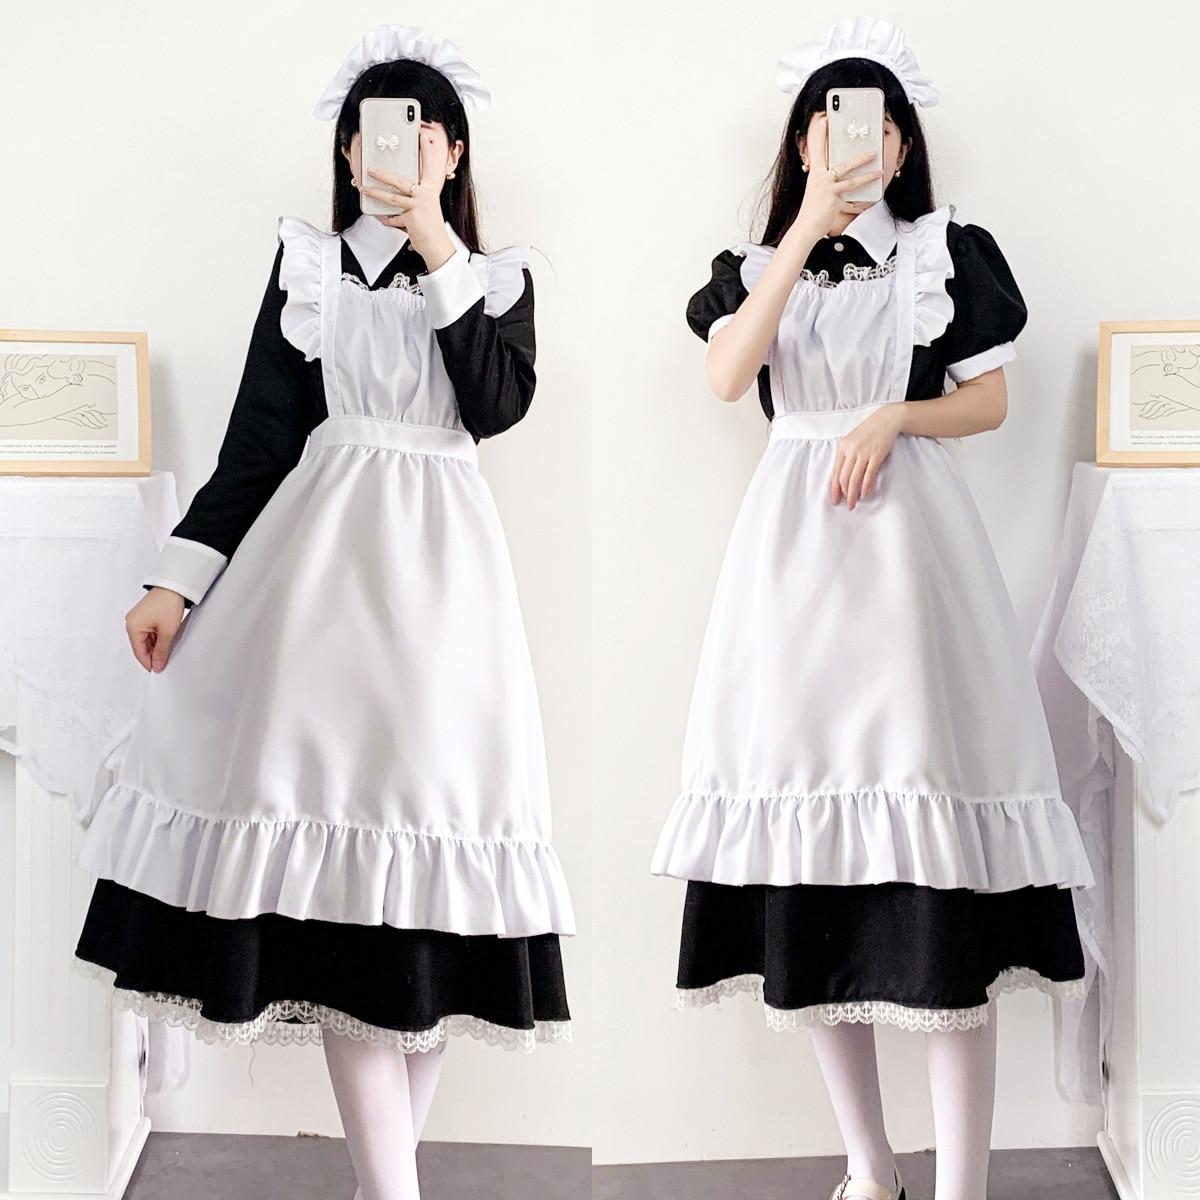 المرأة خادمة الزي طويل خادمة تأثيري حلي لوليتا فستان مع المئزر لطيف أنيمي فساتين الدانتيل مقهى موحدة الأسود M-5XL